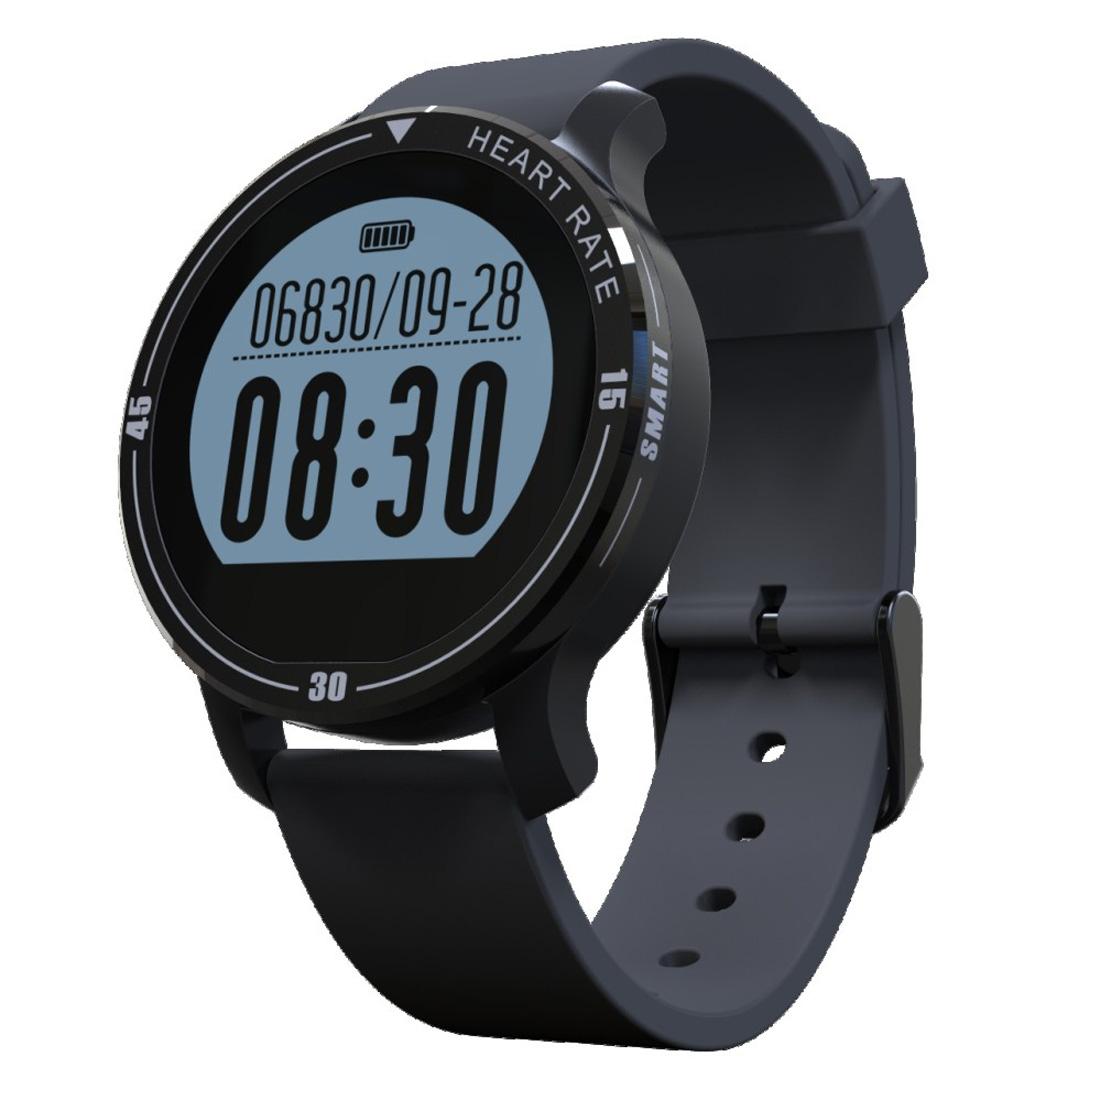 Xiaomi Xiaomi - S200 Aerobic Fitness Sport Inteligentní hodinky pro iOS / Android, IP67 Vodotěsné, Pedometr, Dotyková obrazovka, Denní kroky, Připomenutí volání, Sedavé připomenutí, Monitor spánku, černá